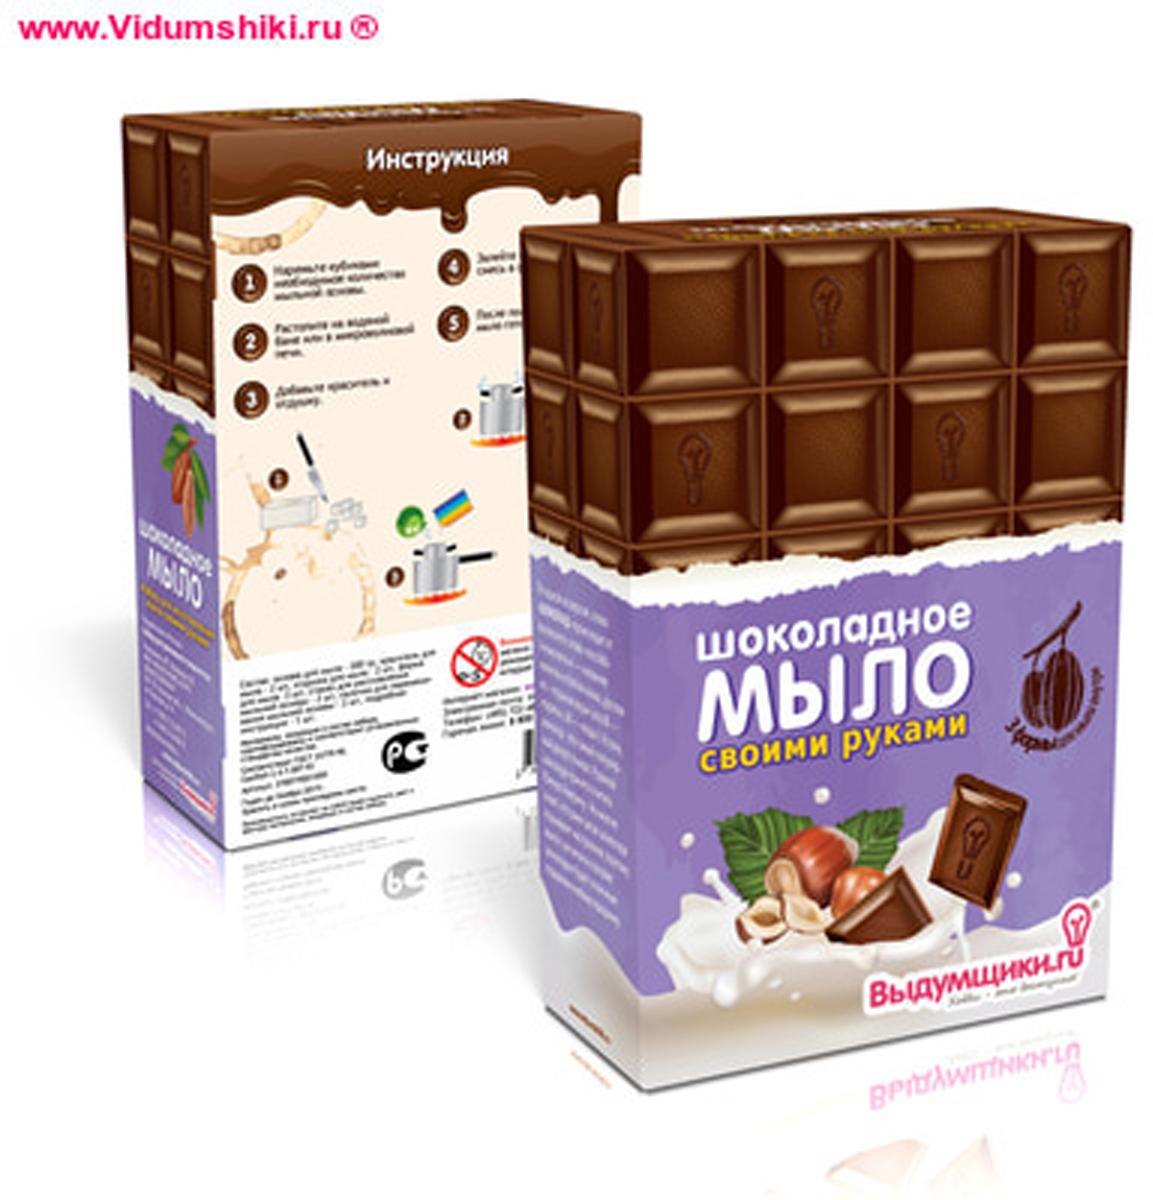 Набор для изготовления фигурного мыла Шоколад набор для изготовления мыла фруктовый набор